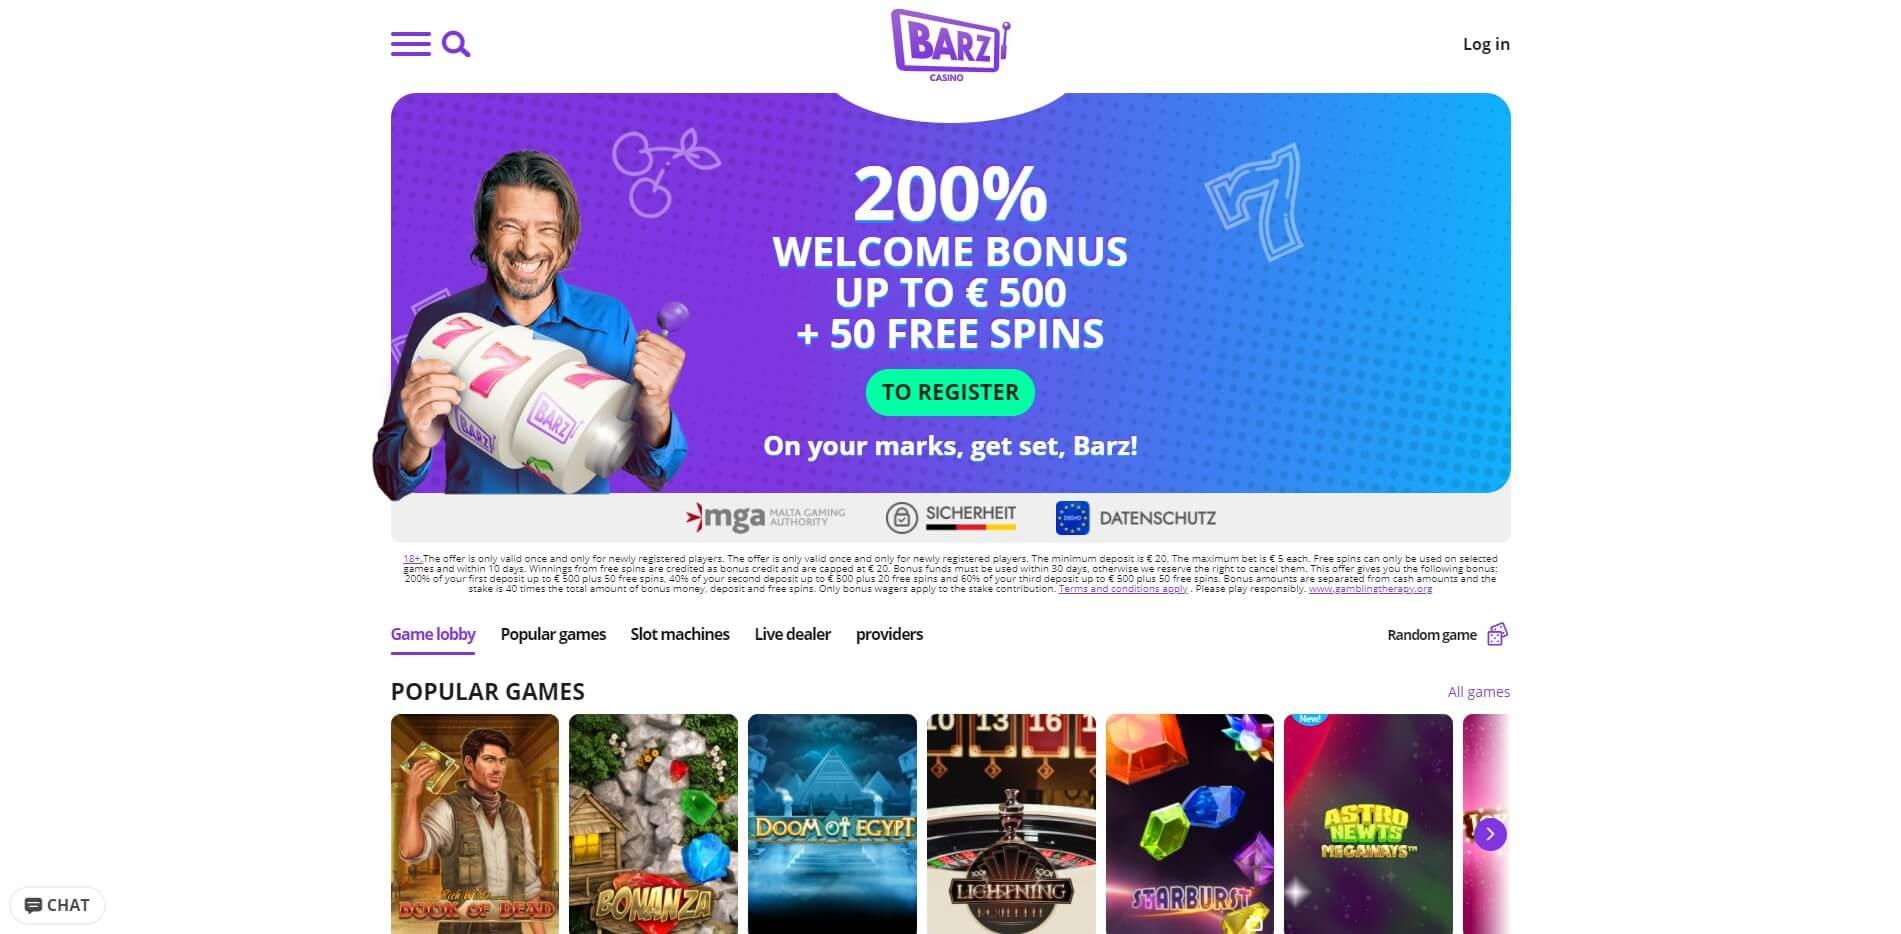 barz.com - Website Review